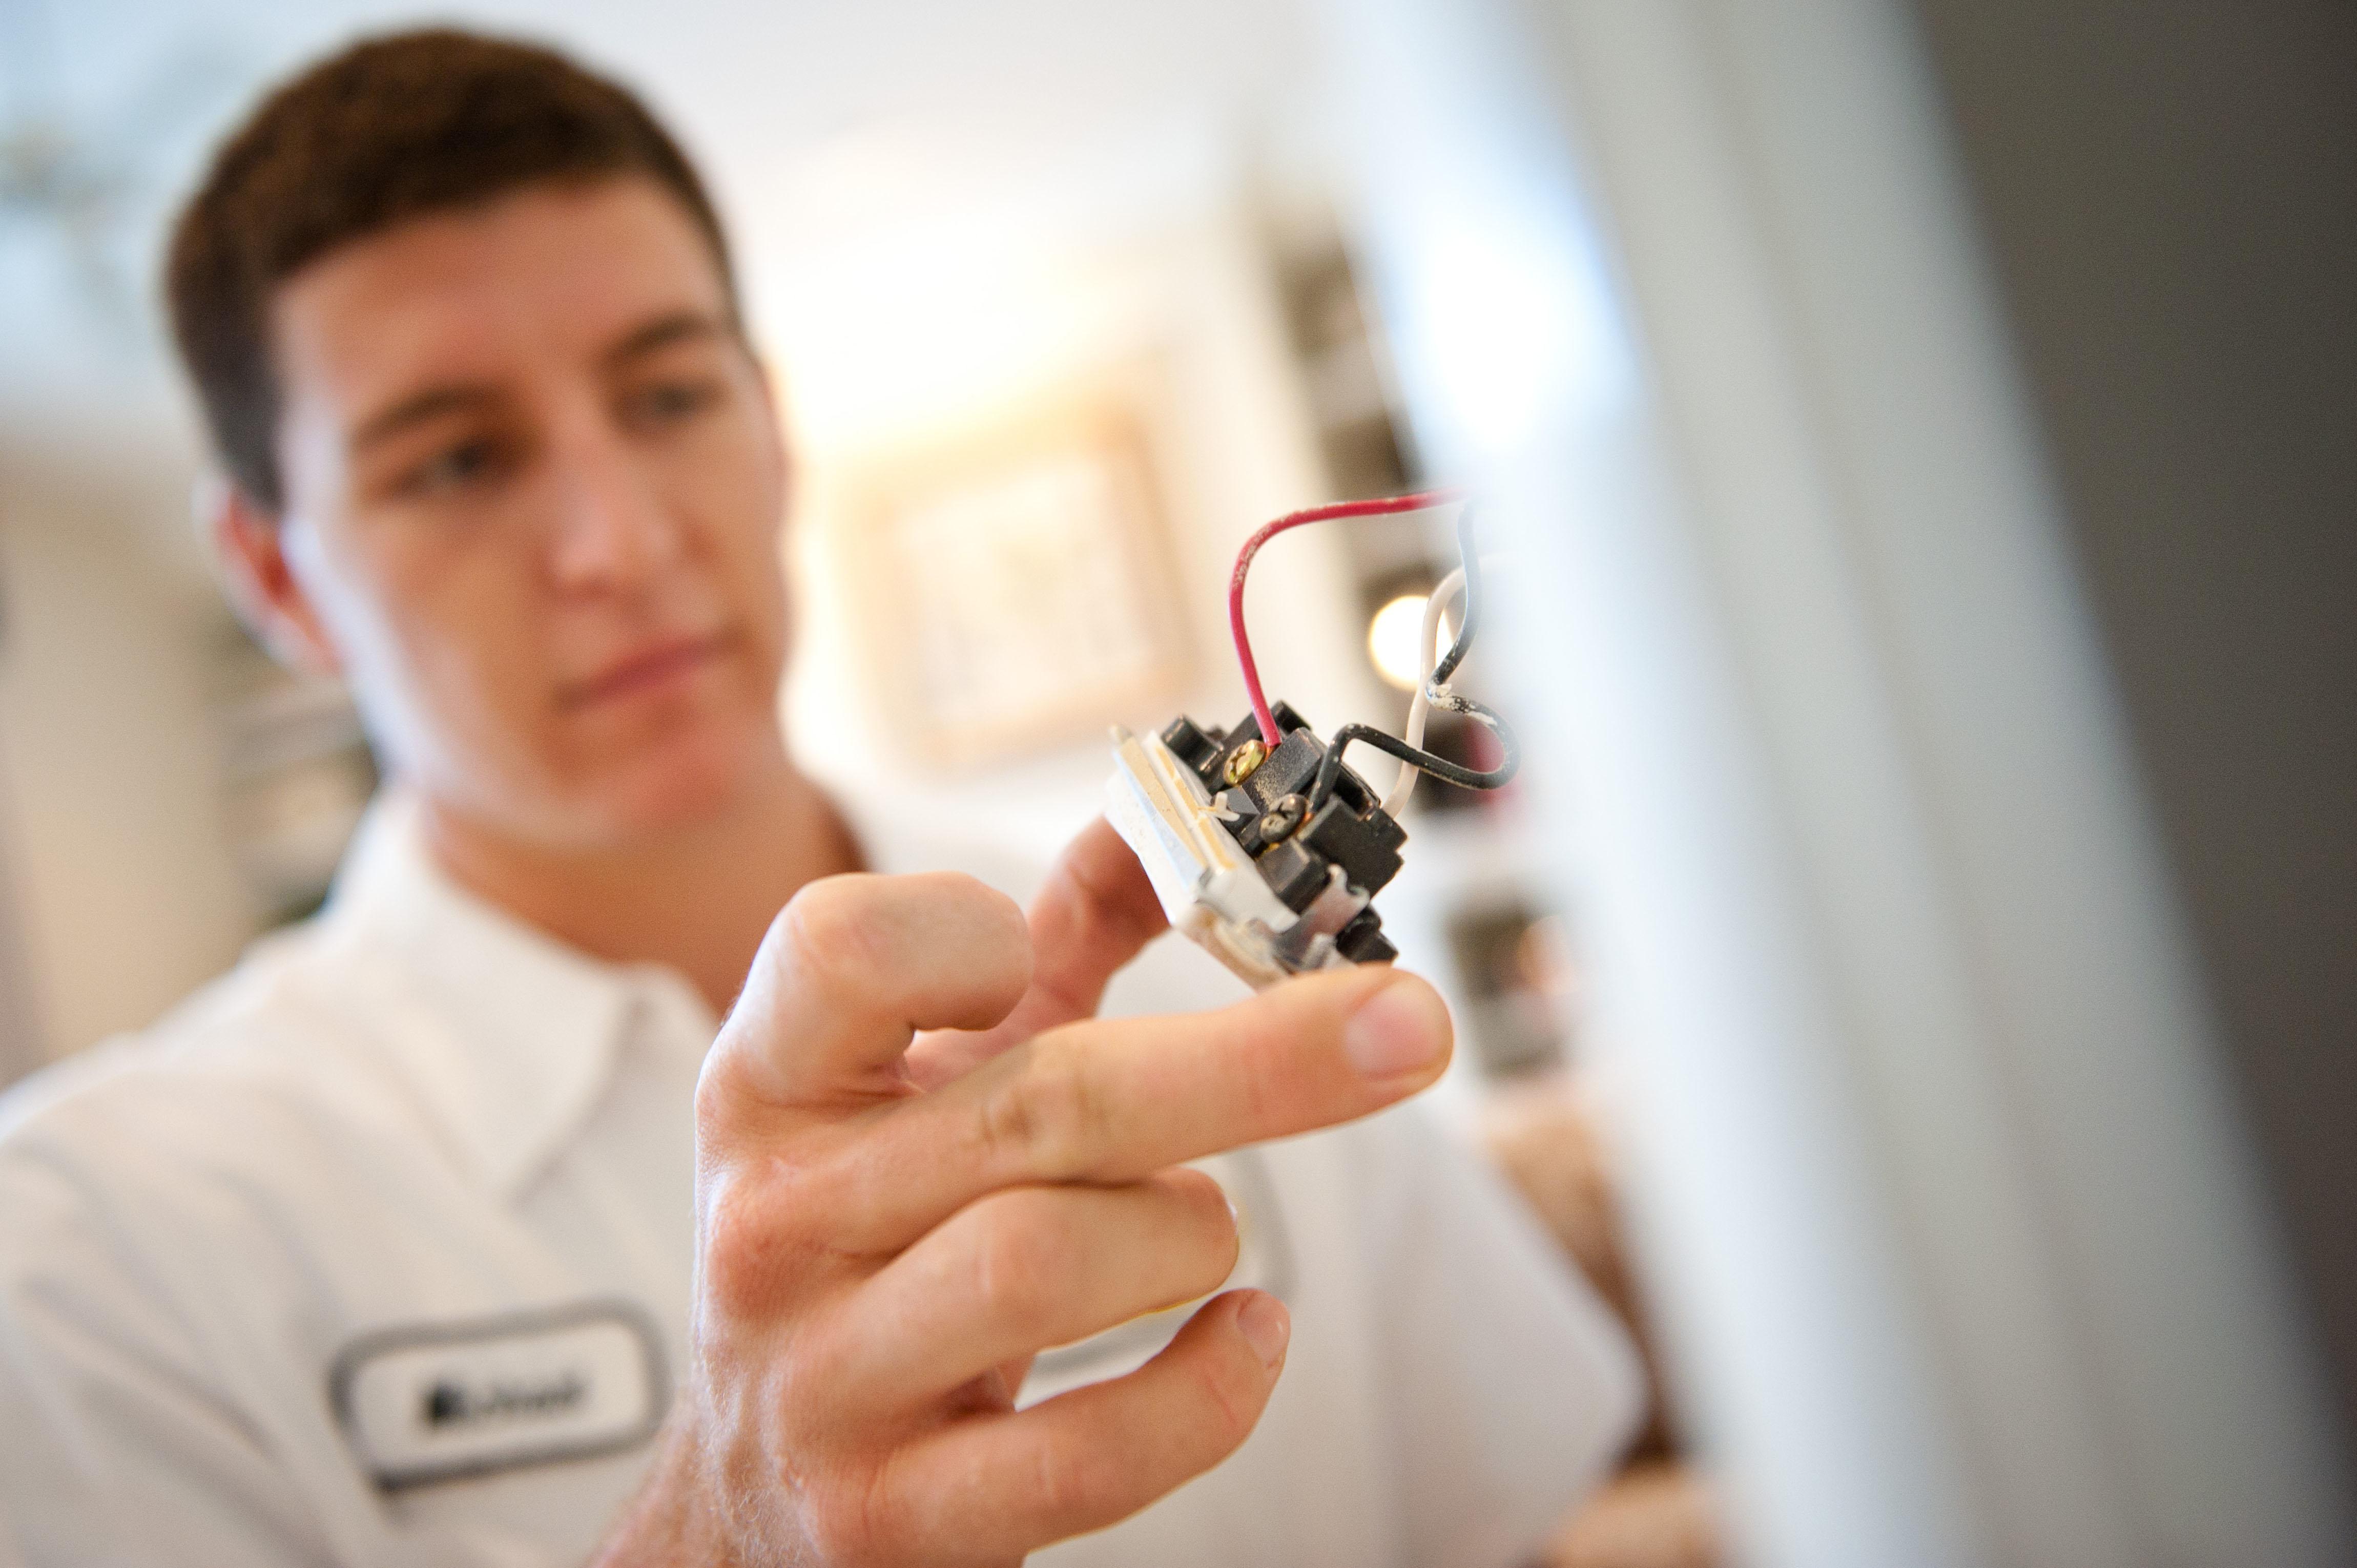 Mister Sparky Electrician Katy image 8